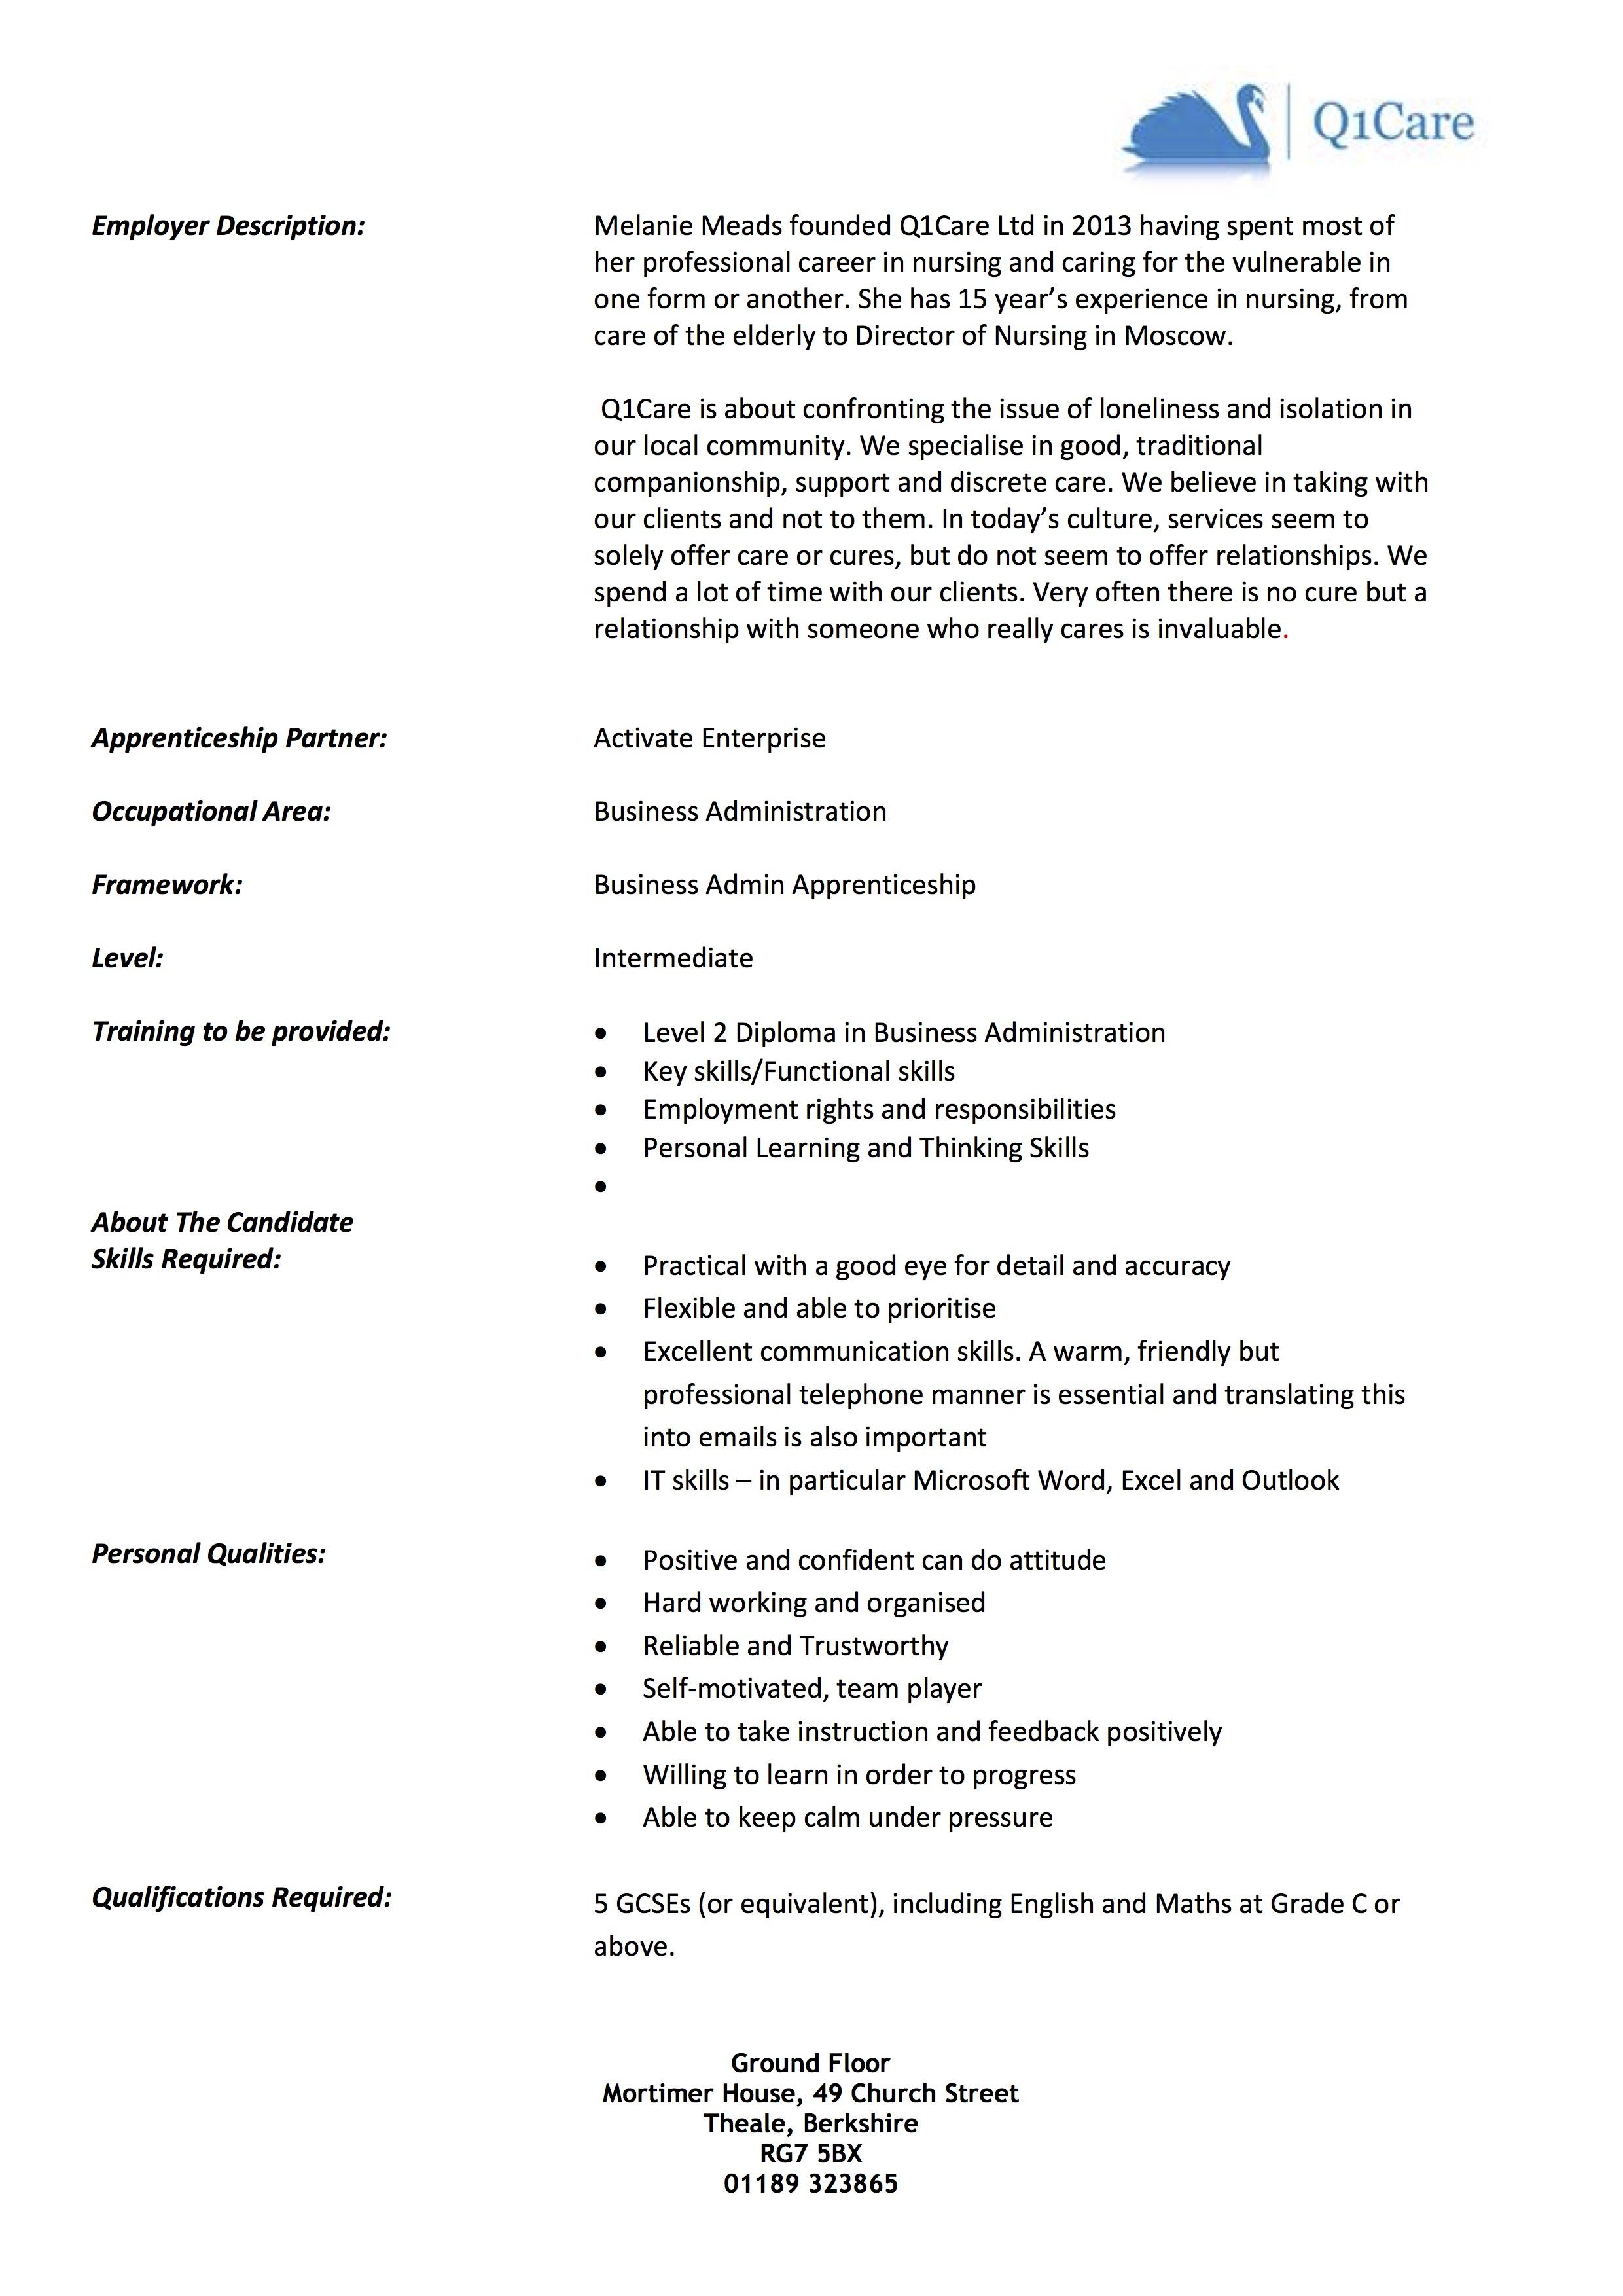 Q1Care Apprentice Opportunity 06162